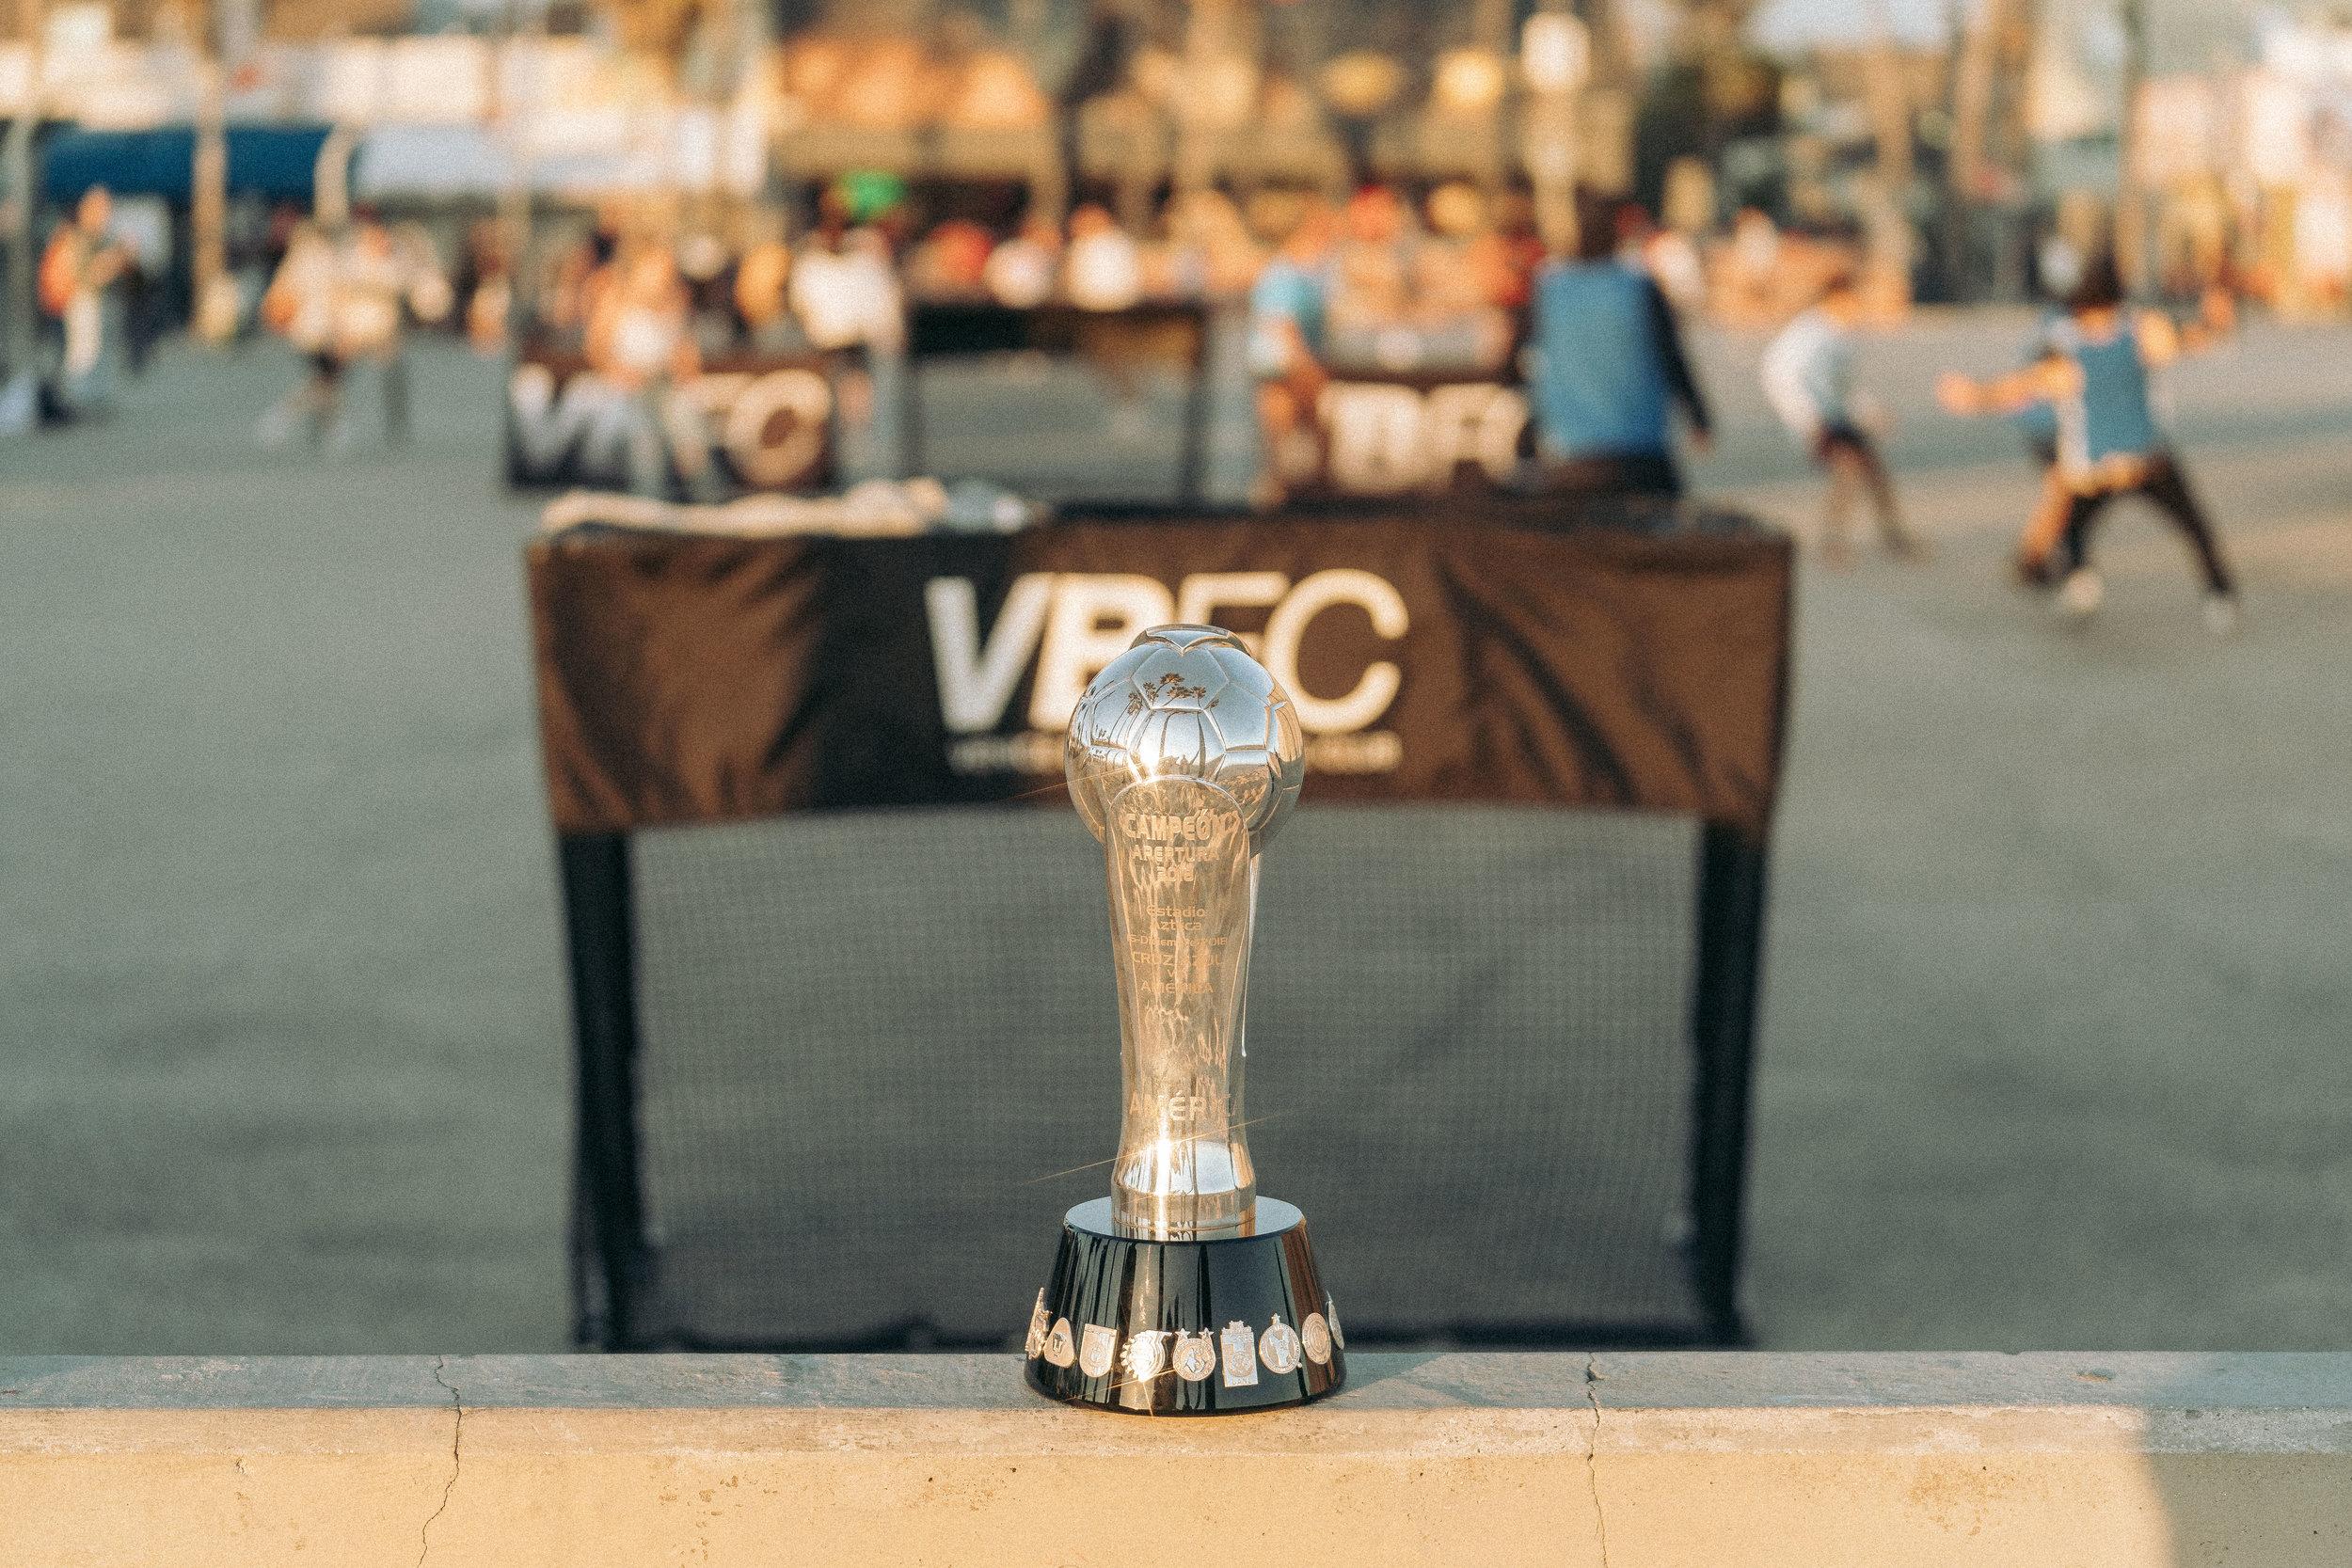 News — Venice Beach Football Club